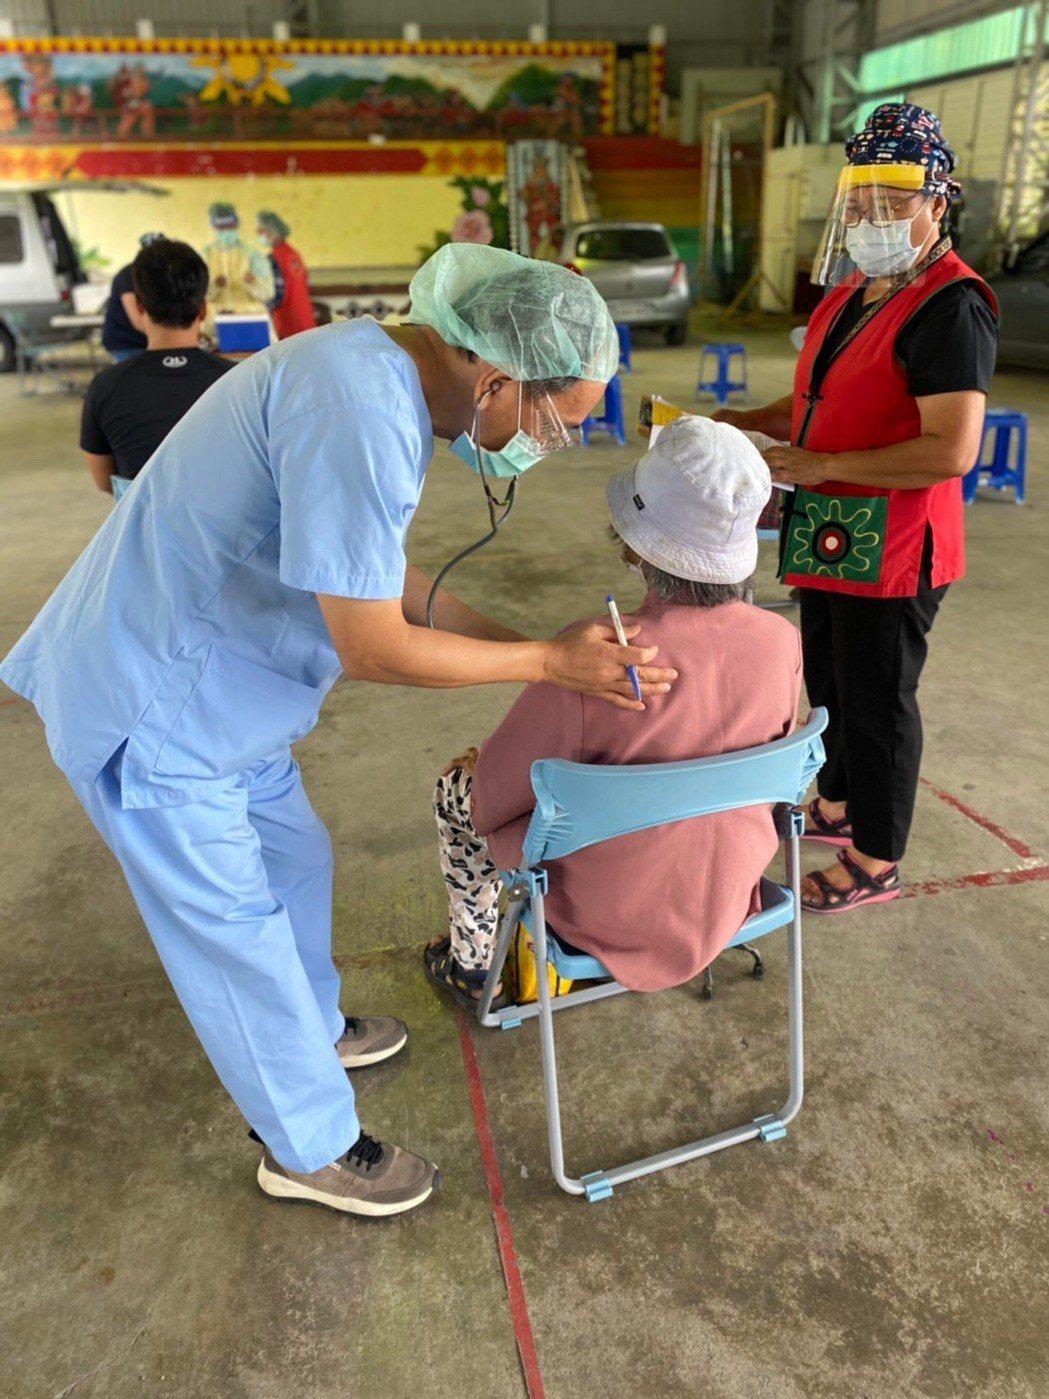 屏東縣今天連續11天無新增確診病例,同時啟動第二階段疫苗接種作業,以80至84歲...